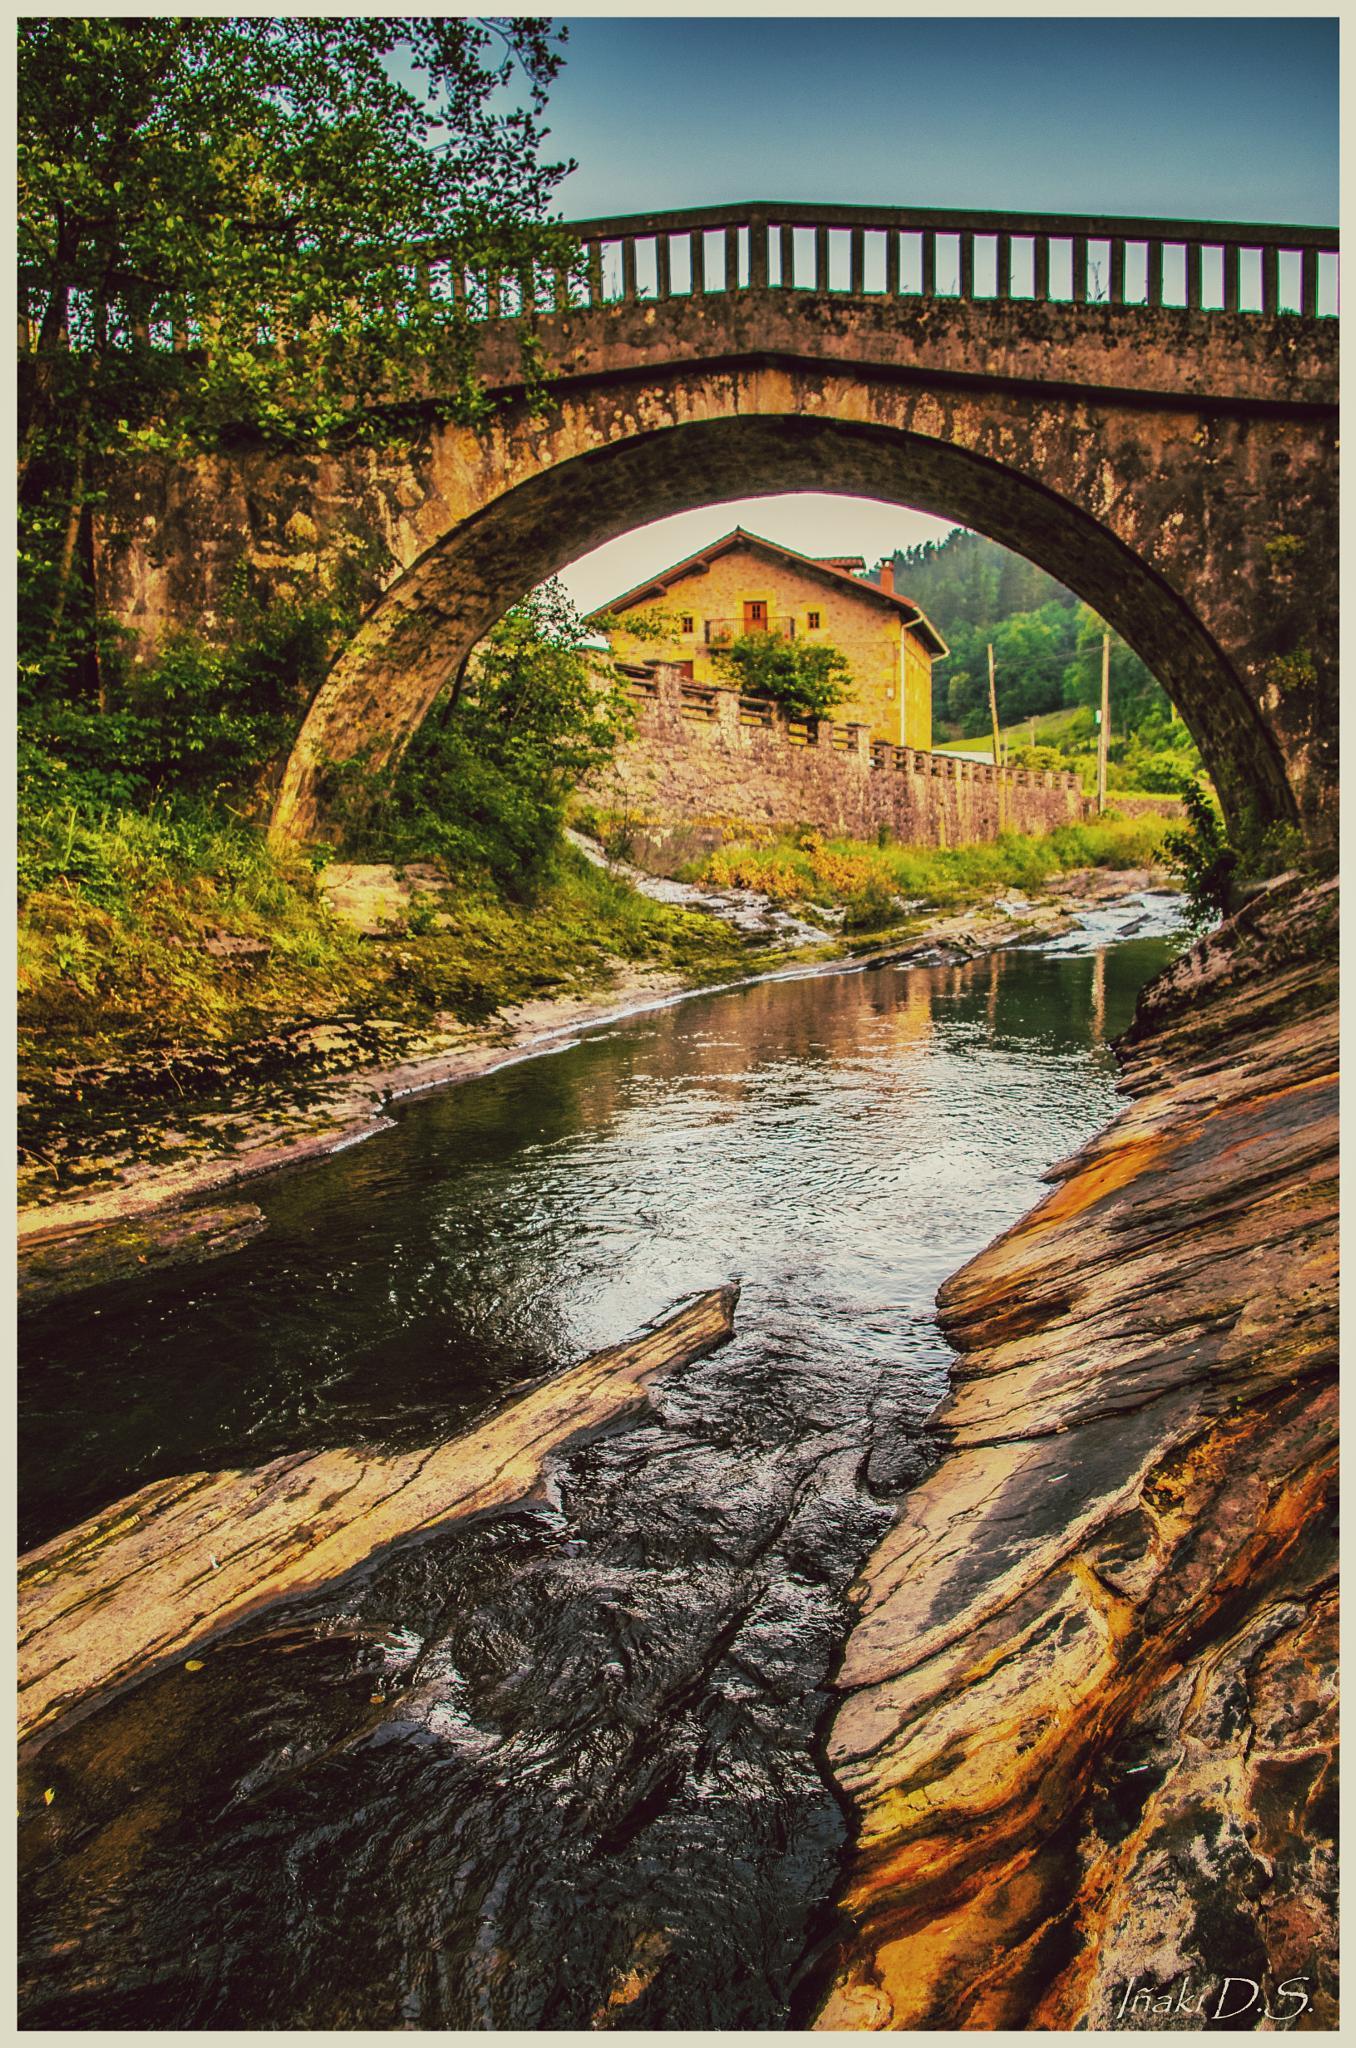 Bajo el puente de Orozco by inaki.domin